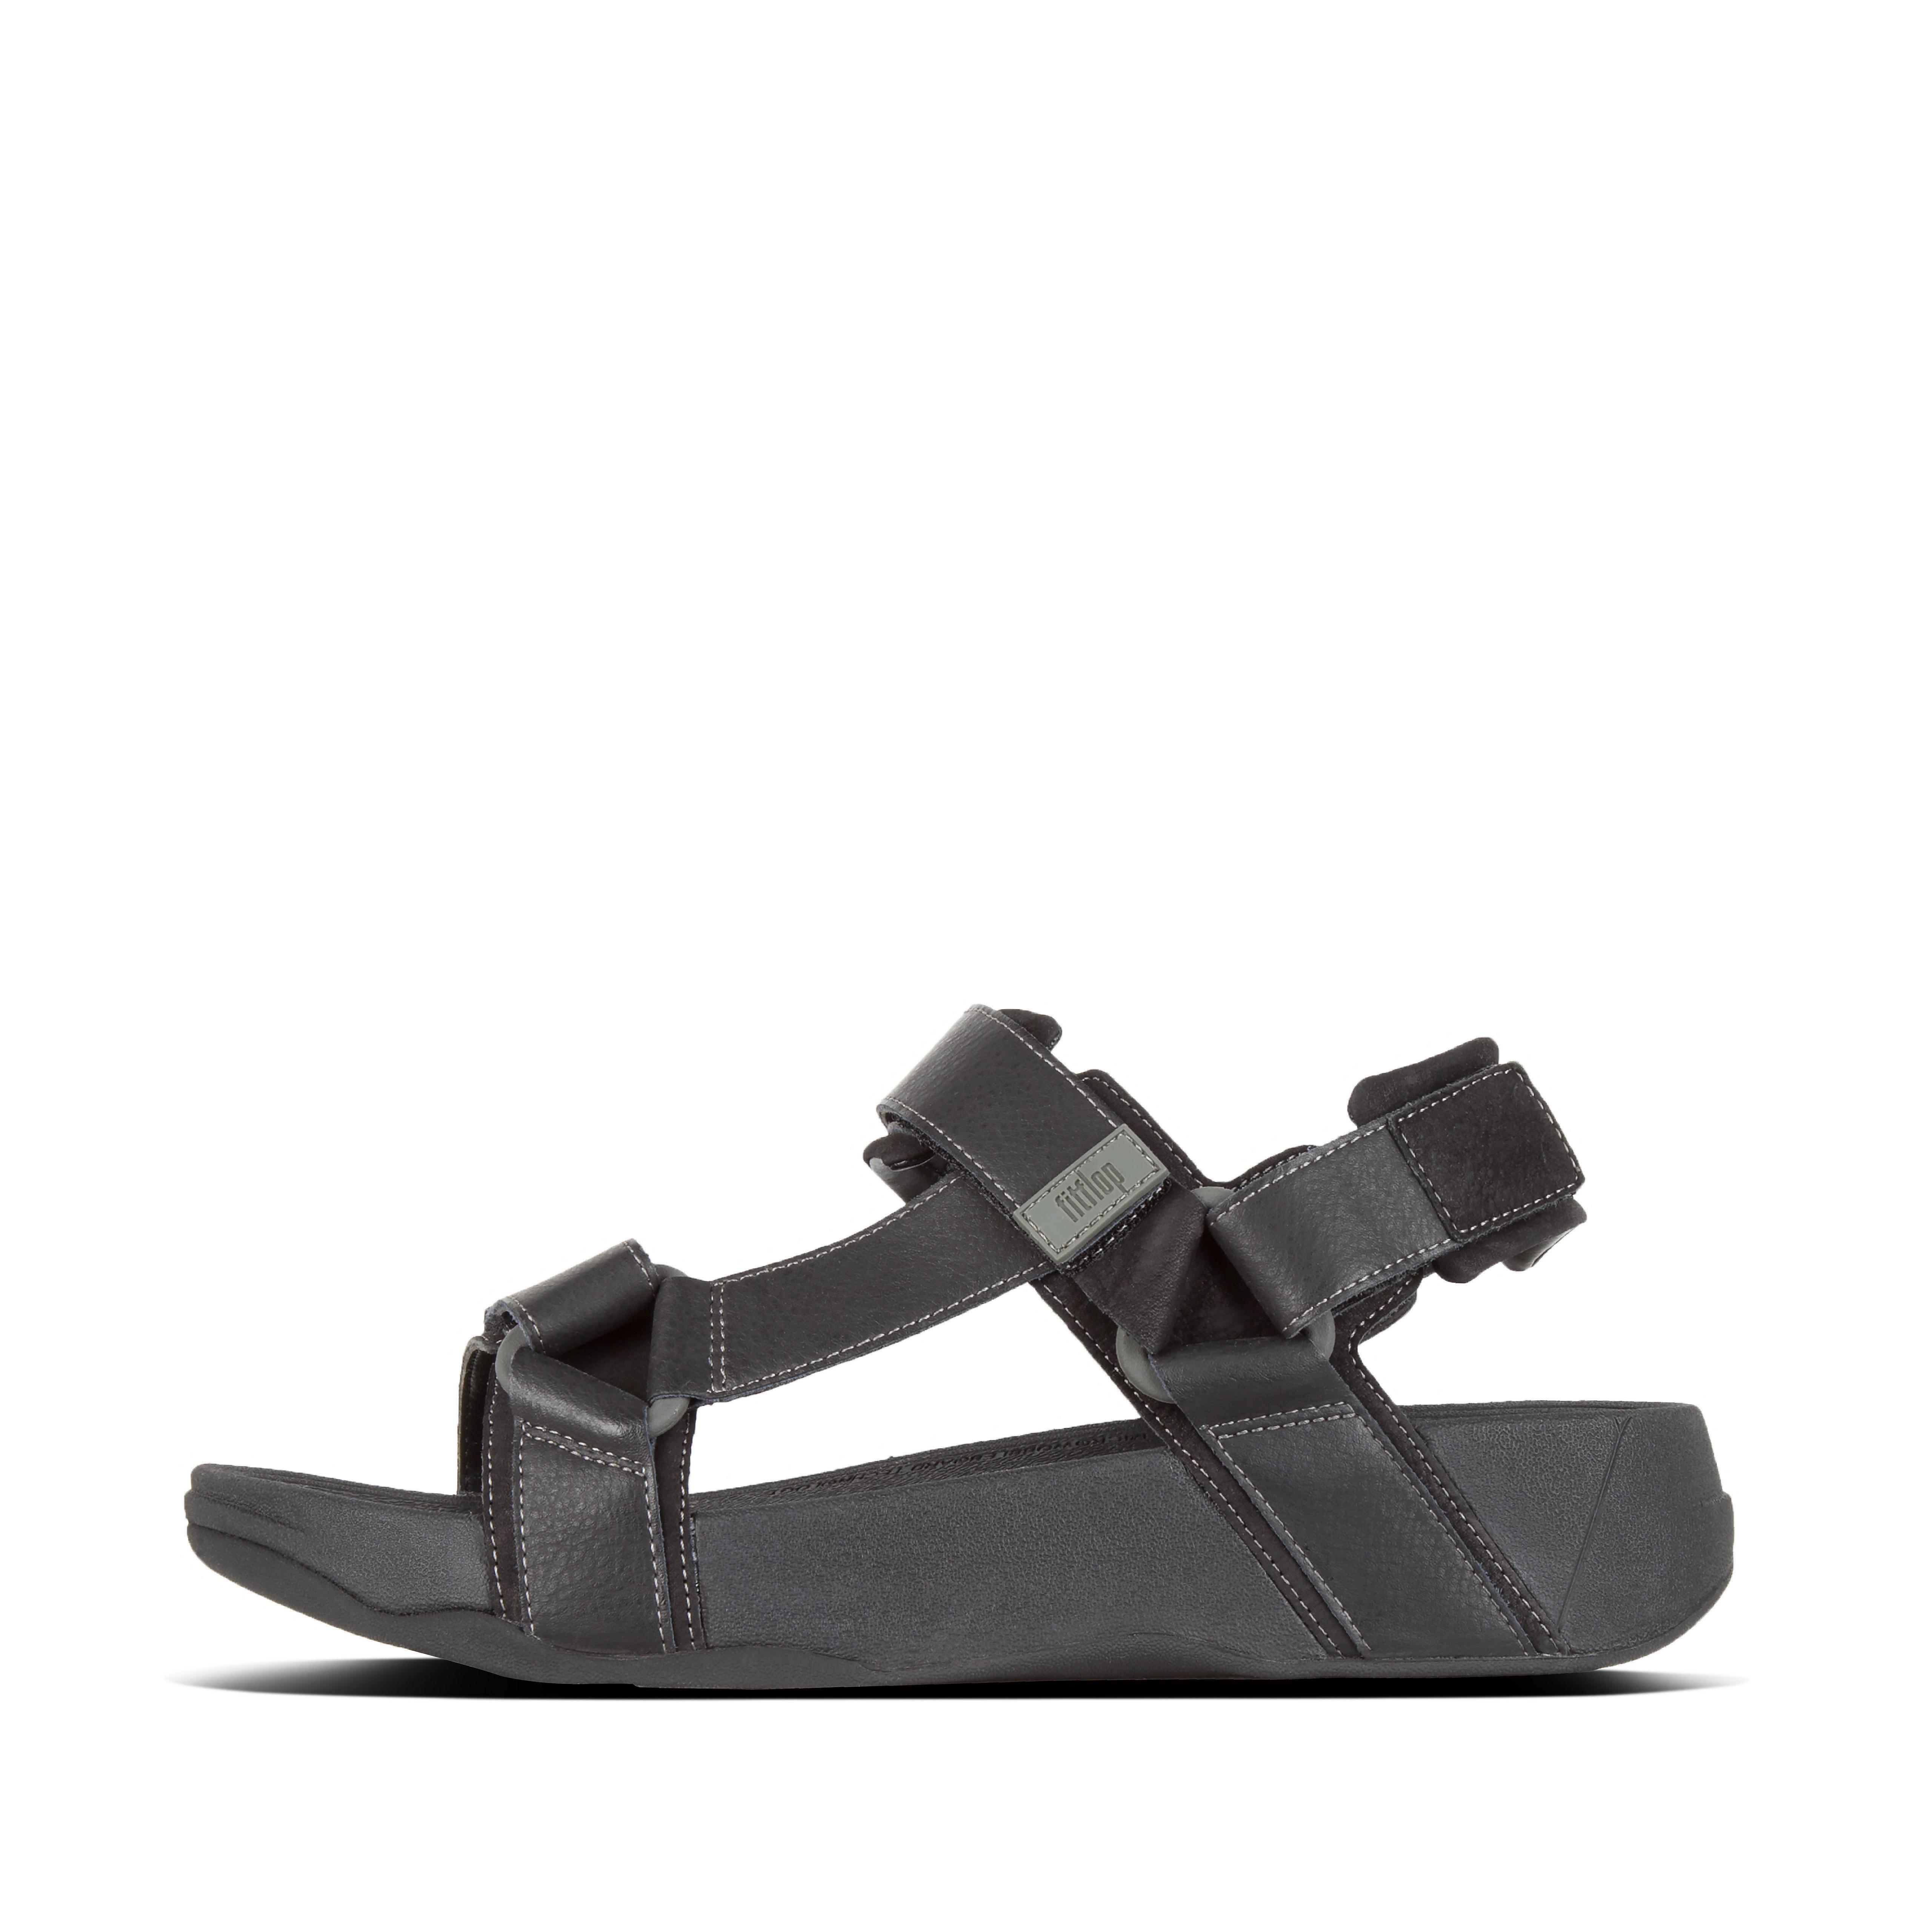 핏플랍 RYKER 샌들 Mens Leather Back-Strap-Sandals,Black